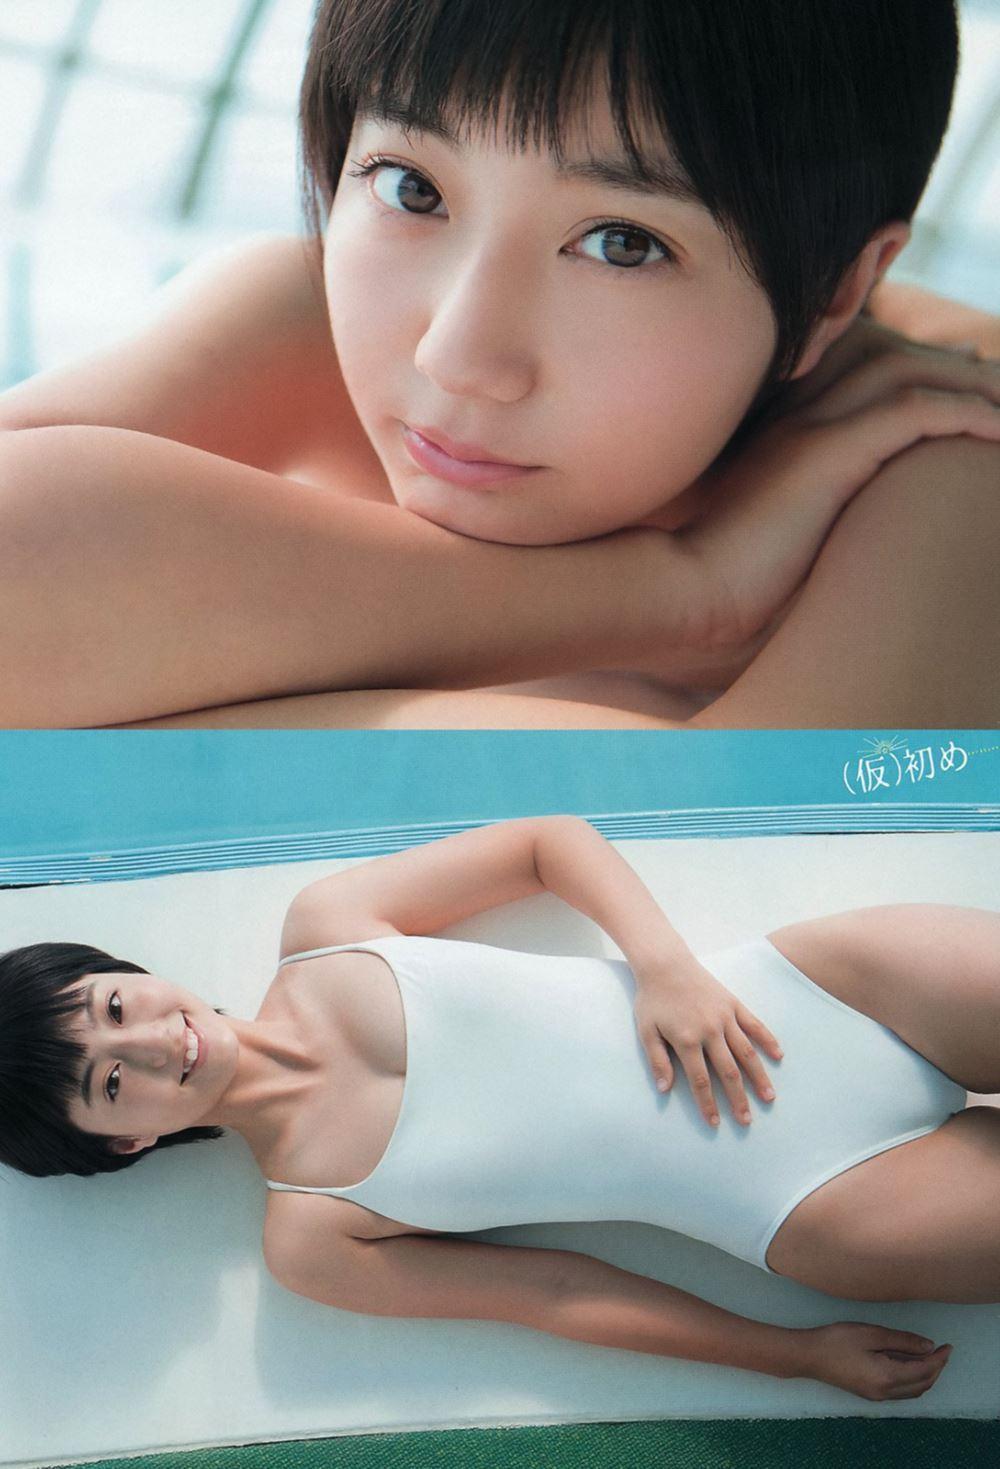 新井愛瞳 画像 40